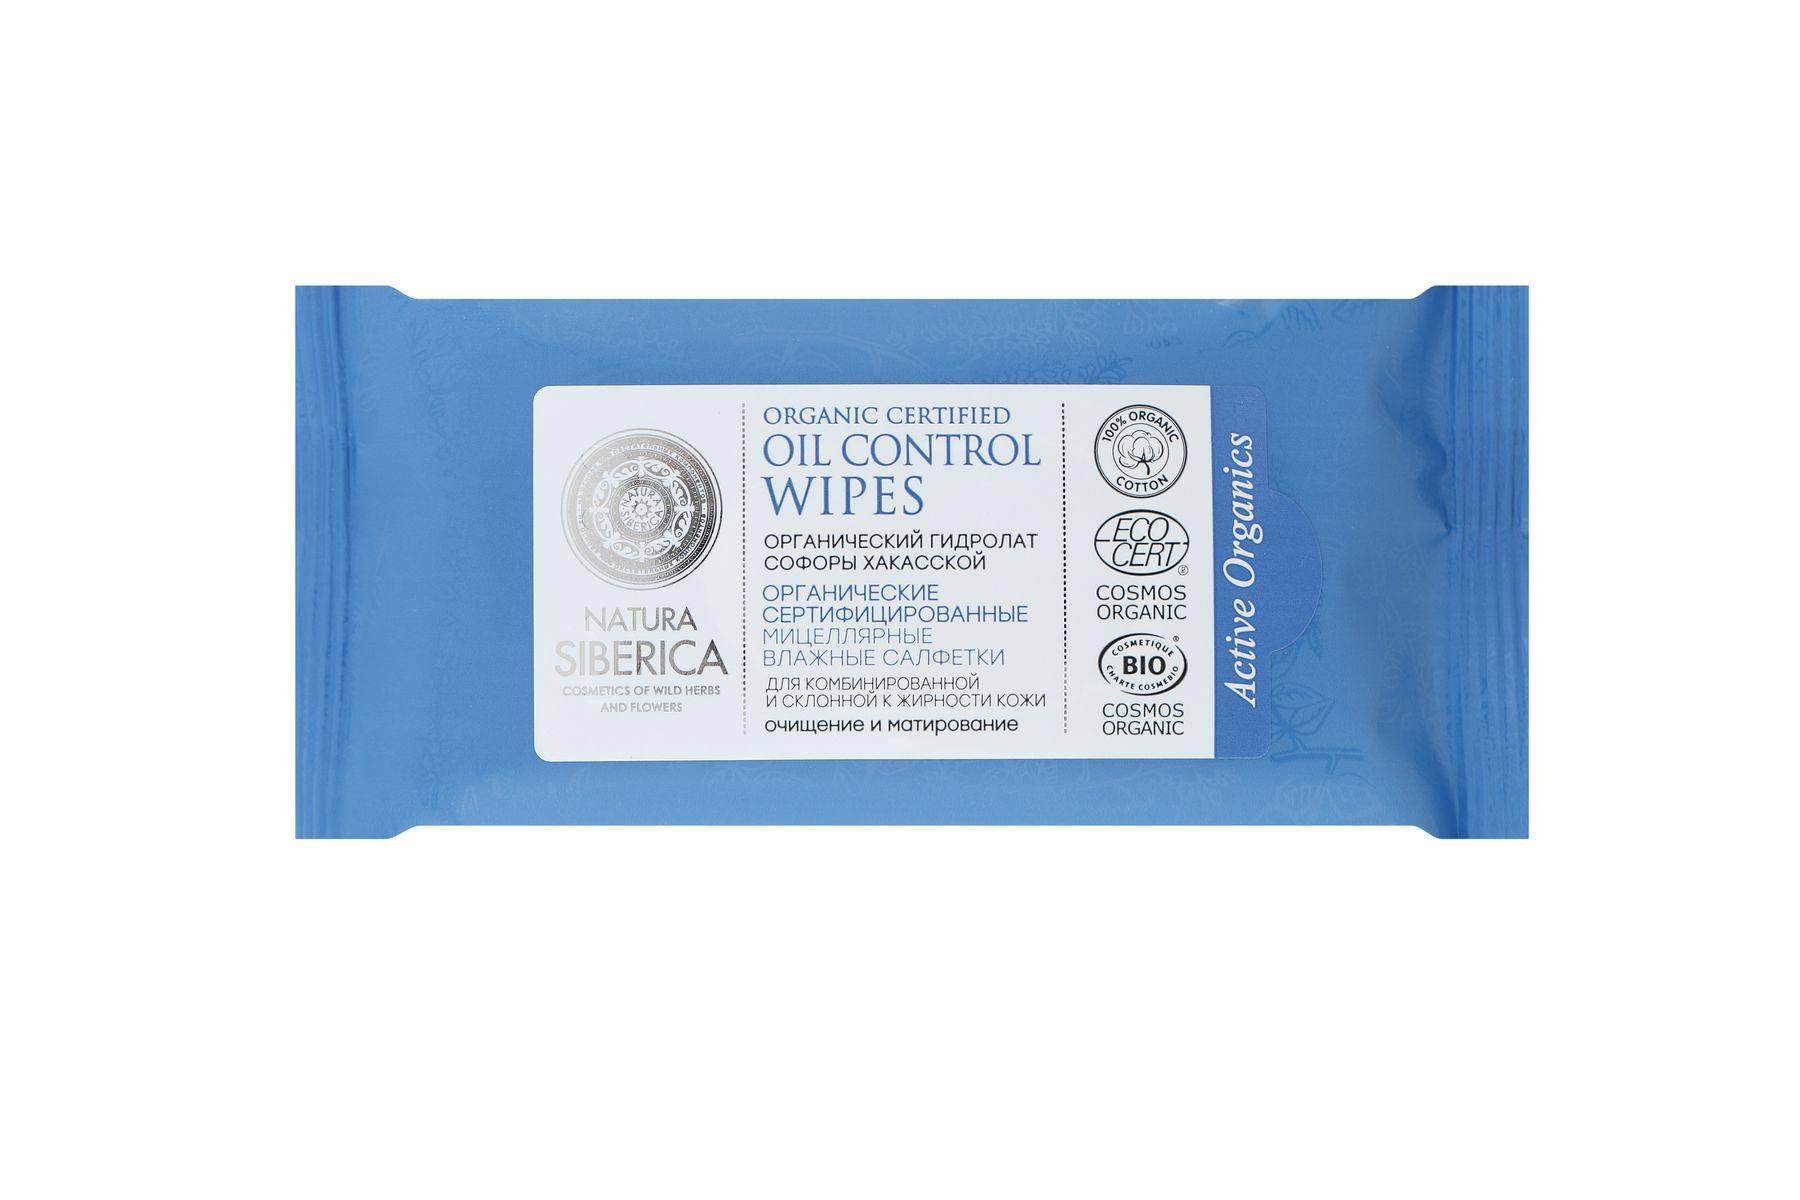 Купить Natura Siberica Cosmos Органические мицеллярные влажные салфетки для комбинированной и жирной кожи, 10 шт (shop: Organic-shops Organic shops)